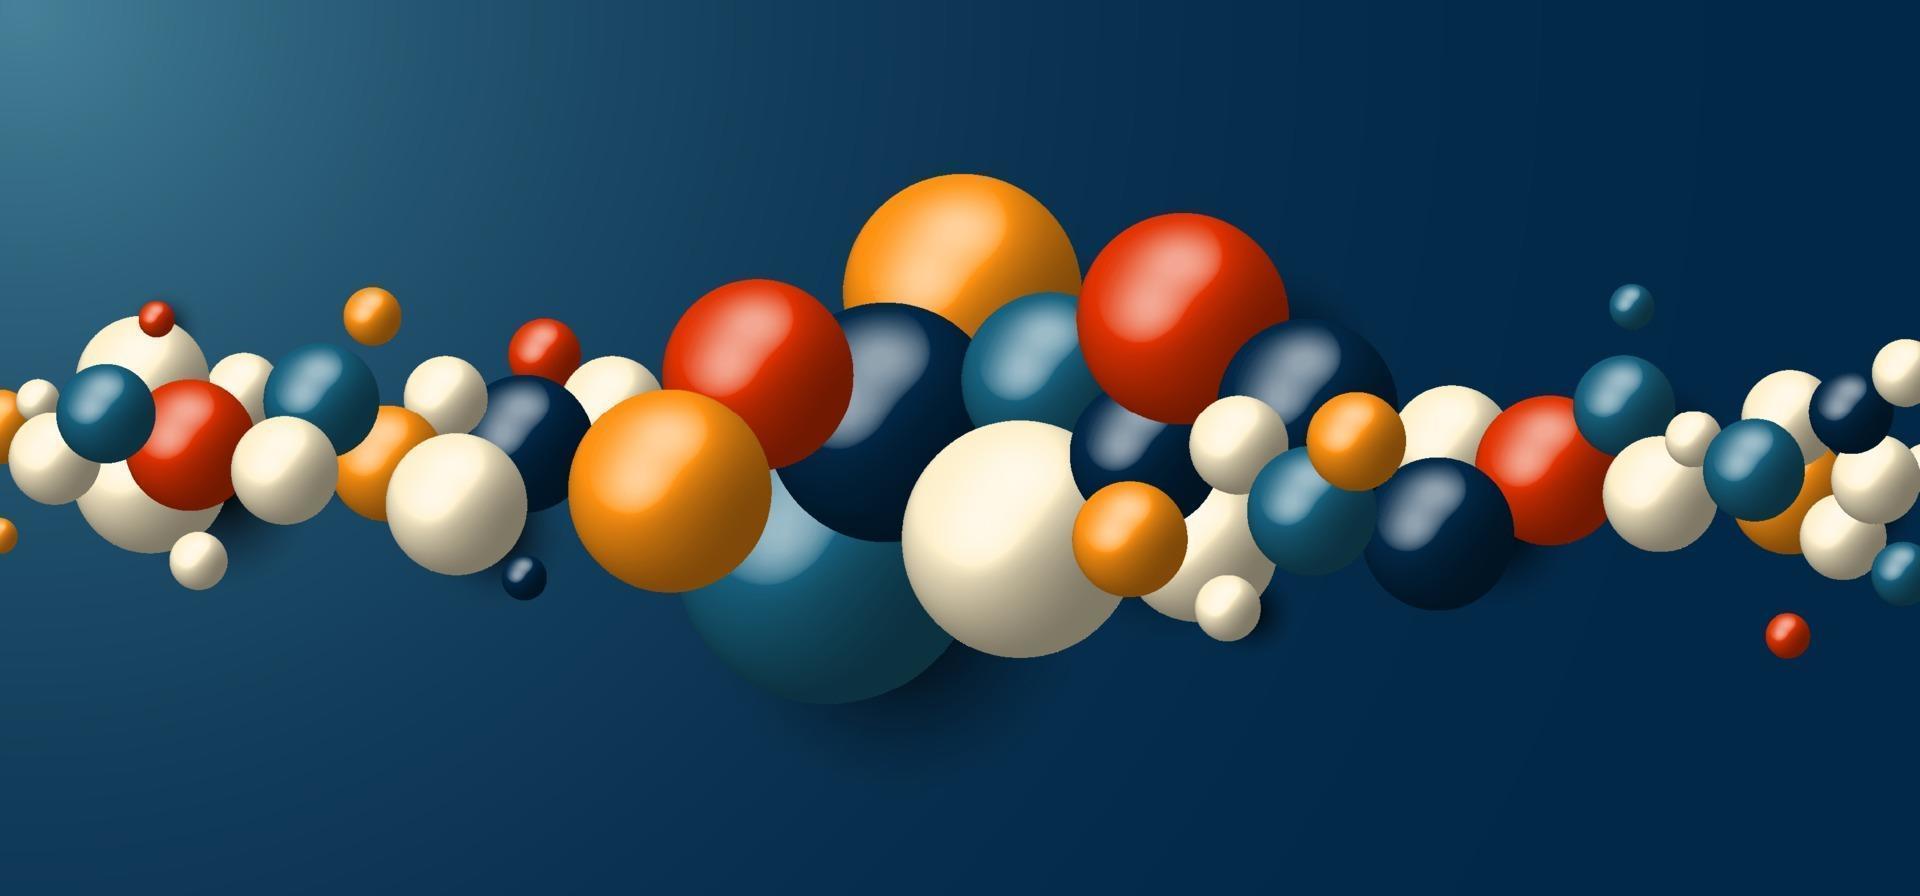 3D-realistische veel geometrische bollen dynamische vormen op blauwe achtergrond vector